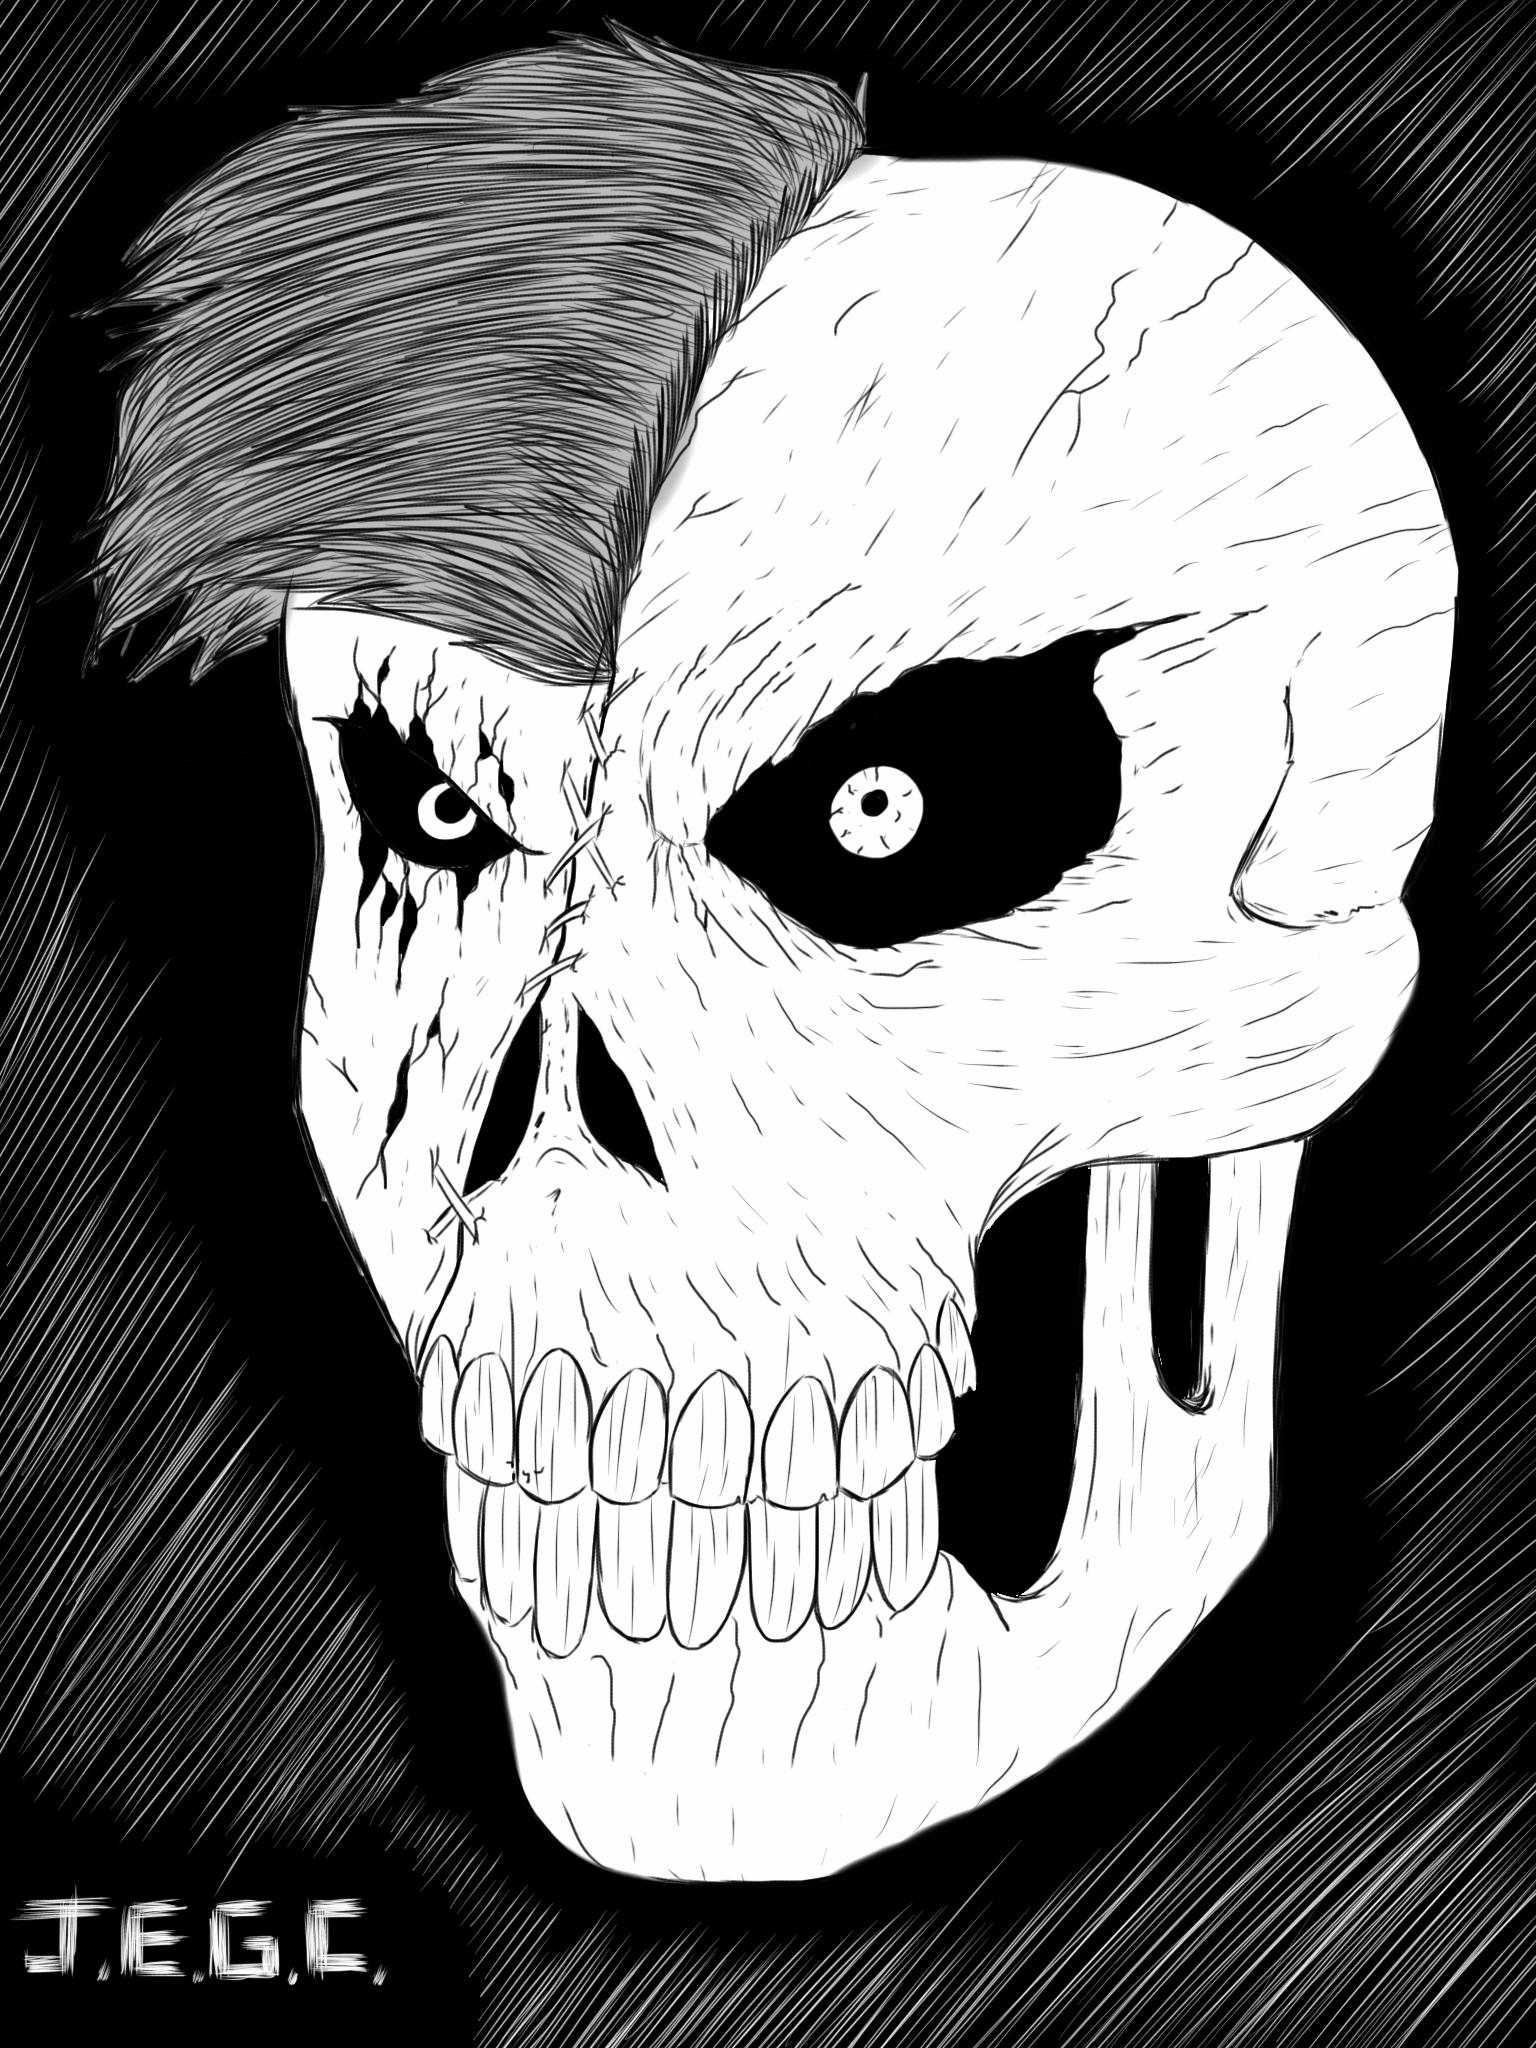 Zombie face by jjjjoooo1234